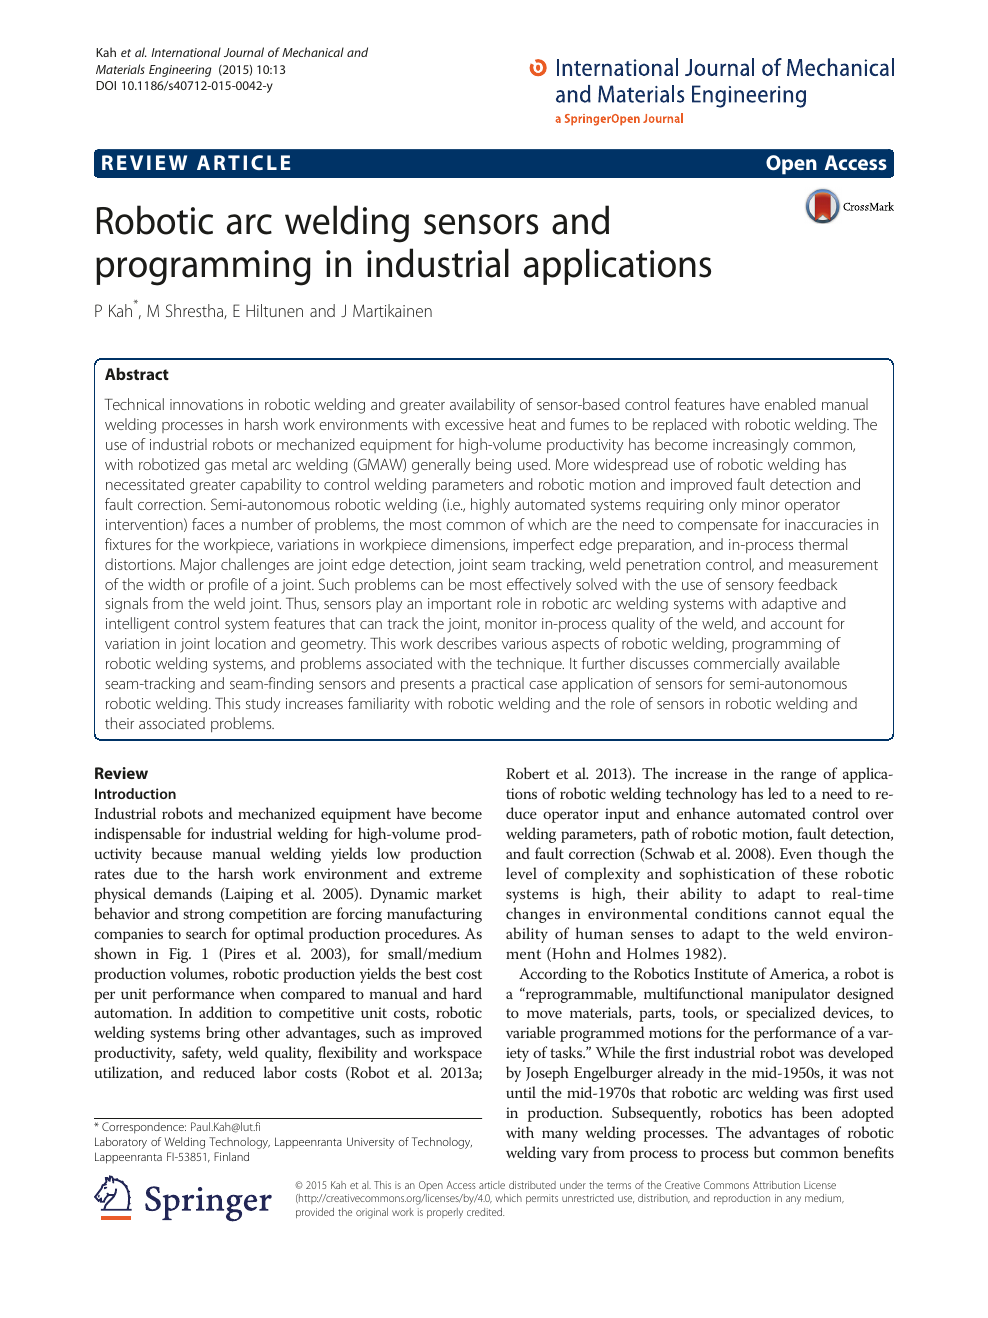 Robotic arc welding sensors and programming in industrial